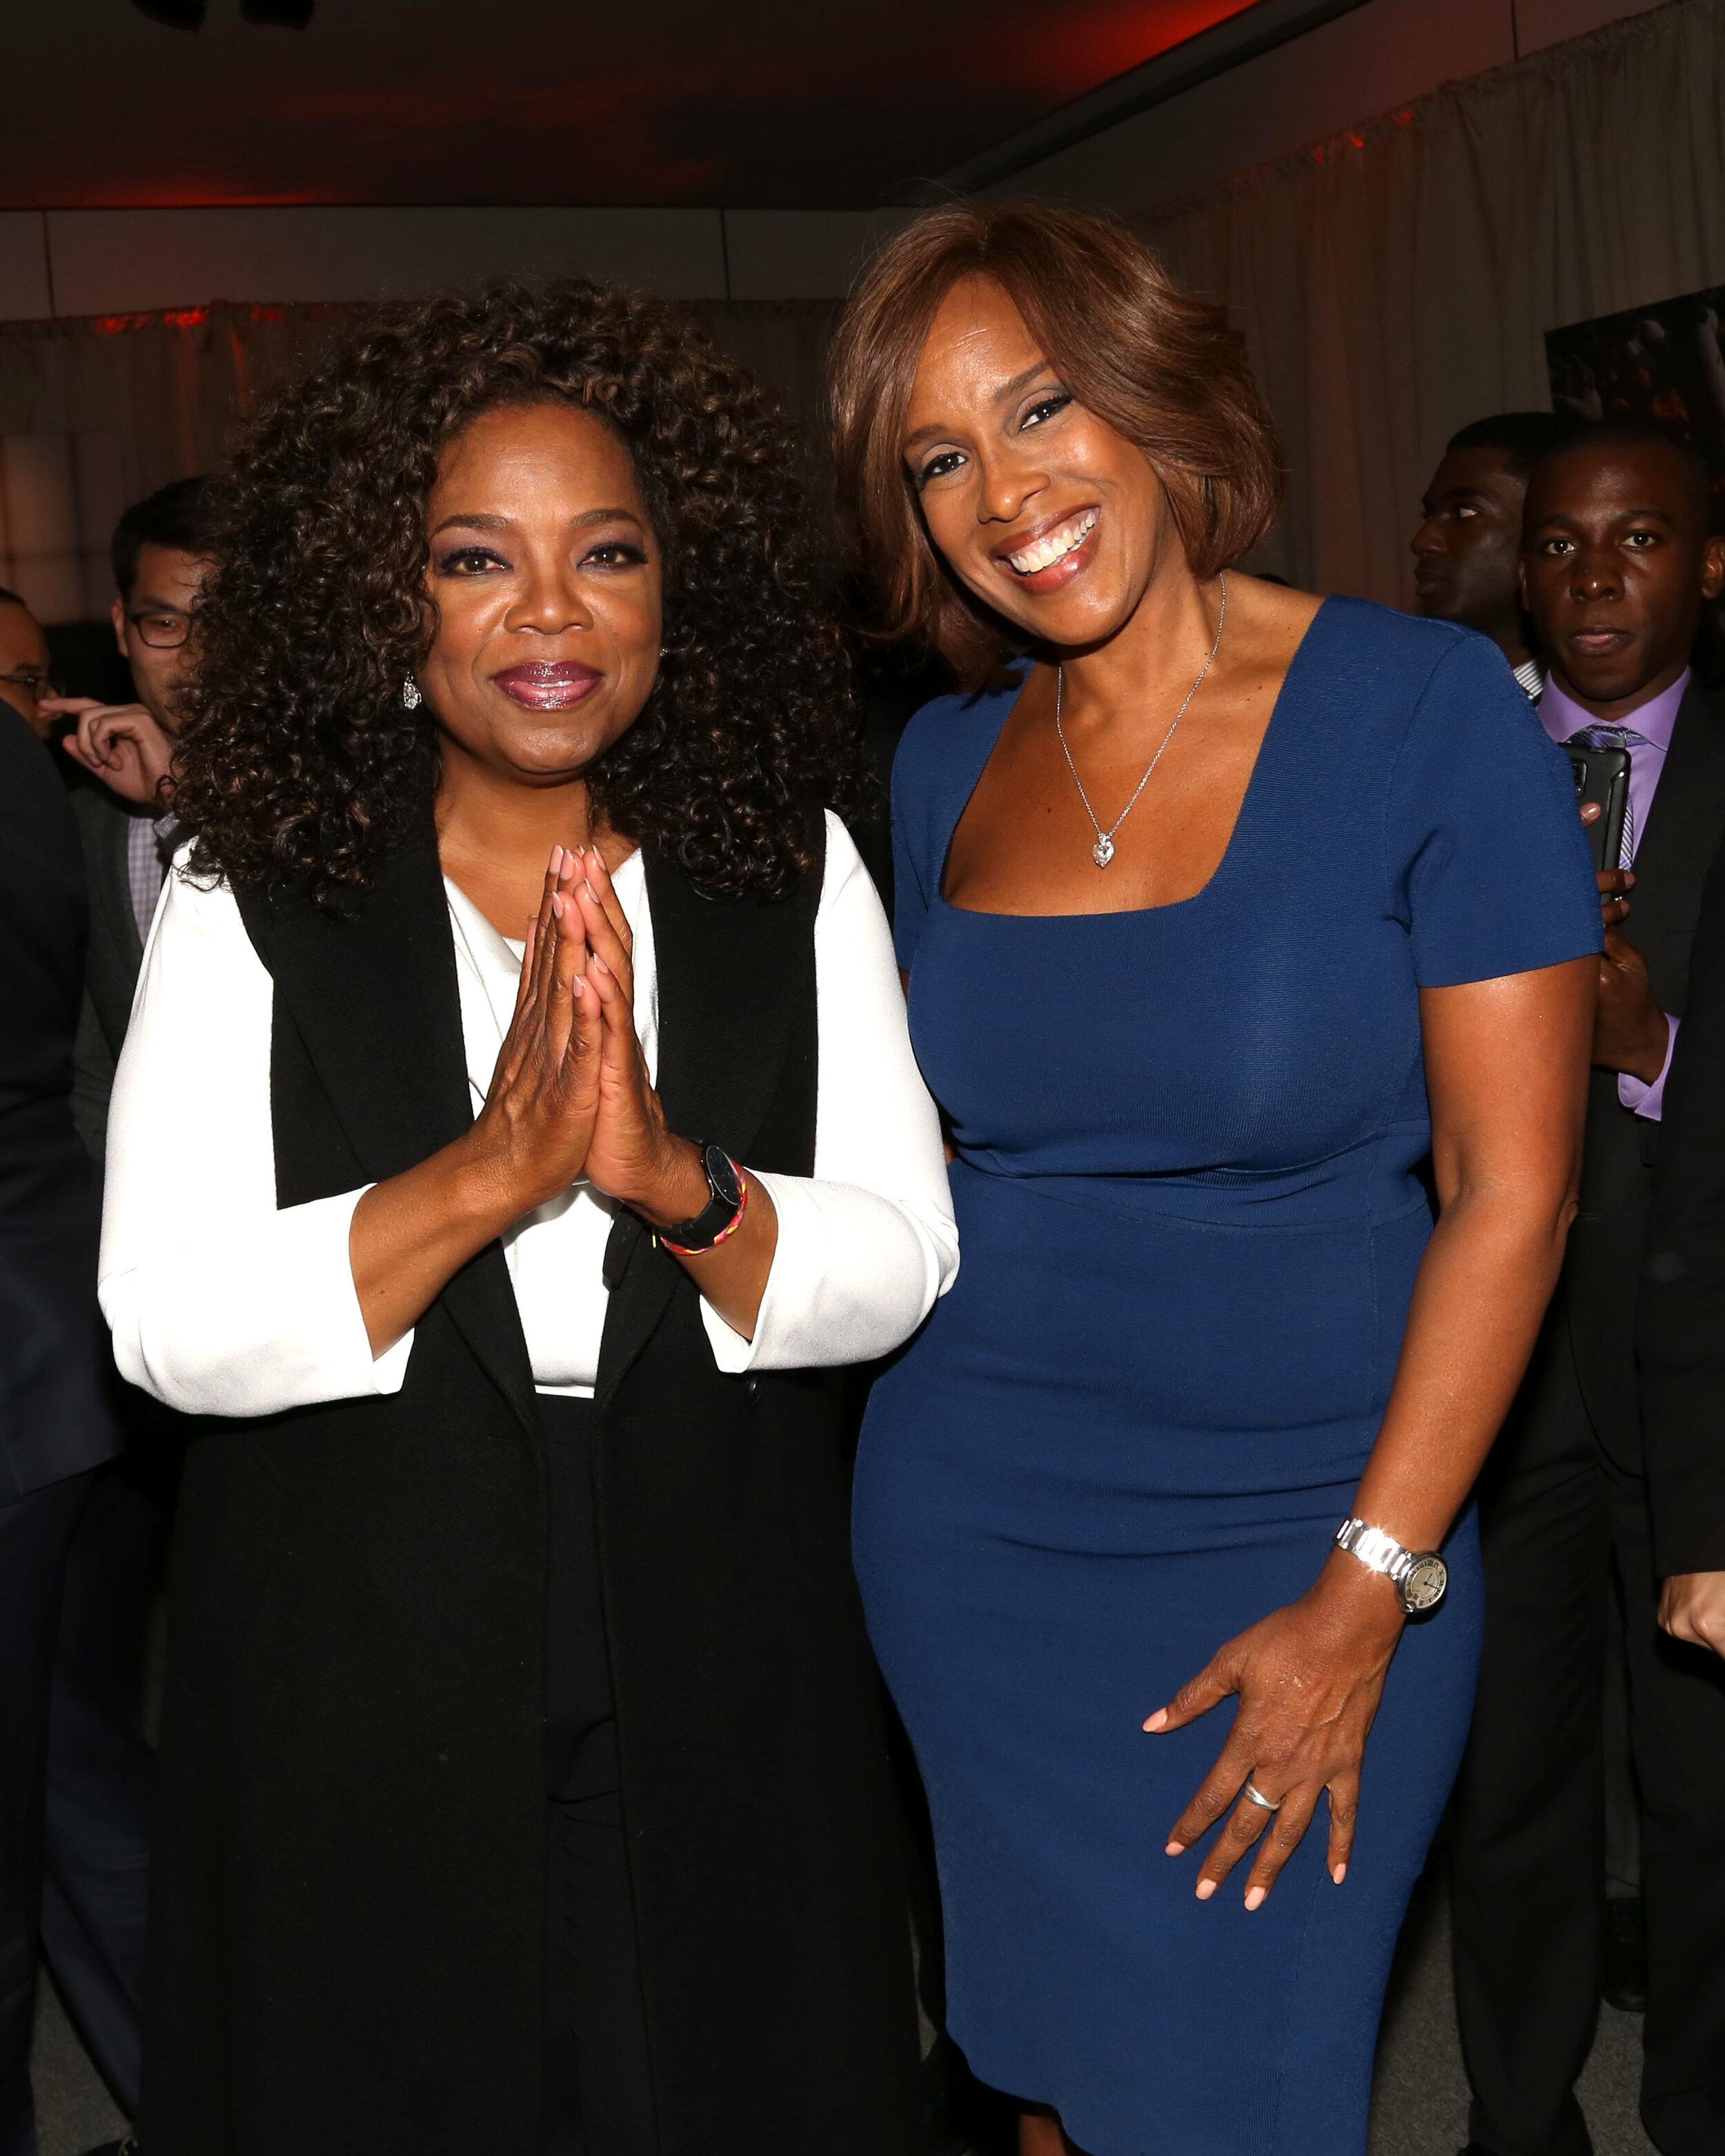 Oprah Winfrey und Gayle King sind mit Harry und Meghan befreundet. Sie finden es unfair, wie das Paar kritisiert wird.  © picture alliance / AP Images / Invision